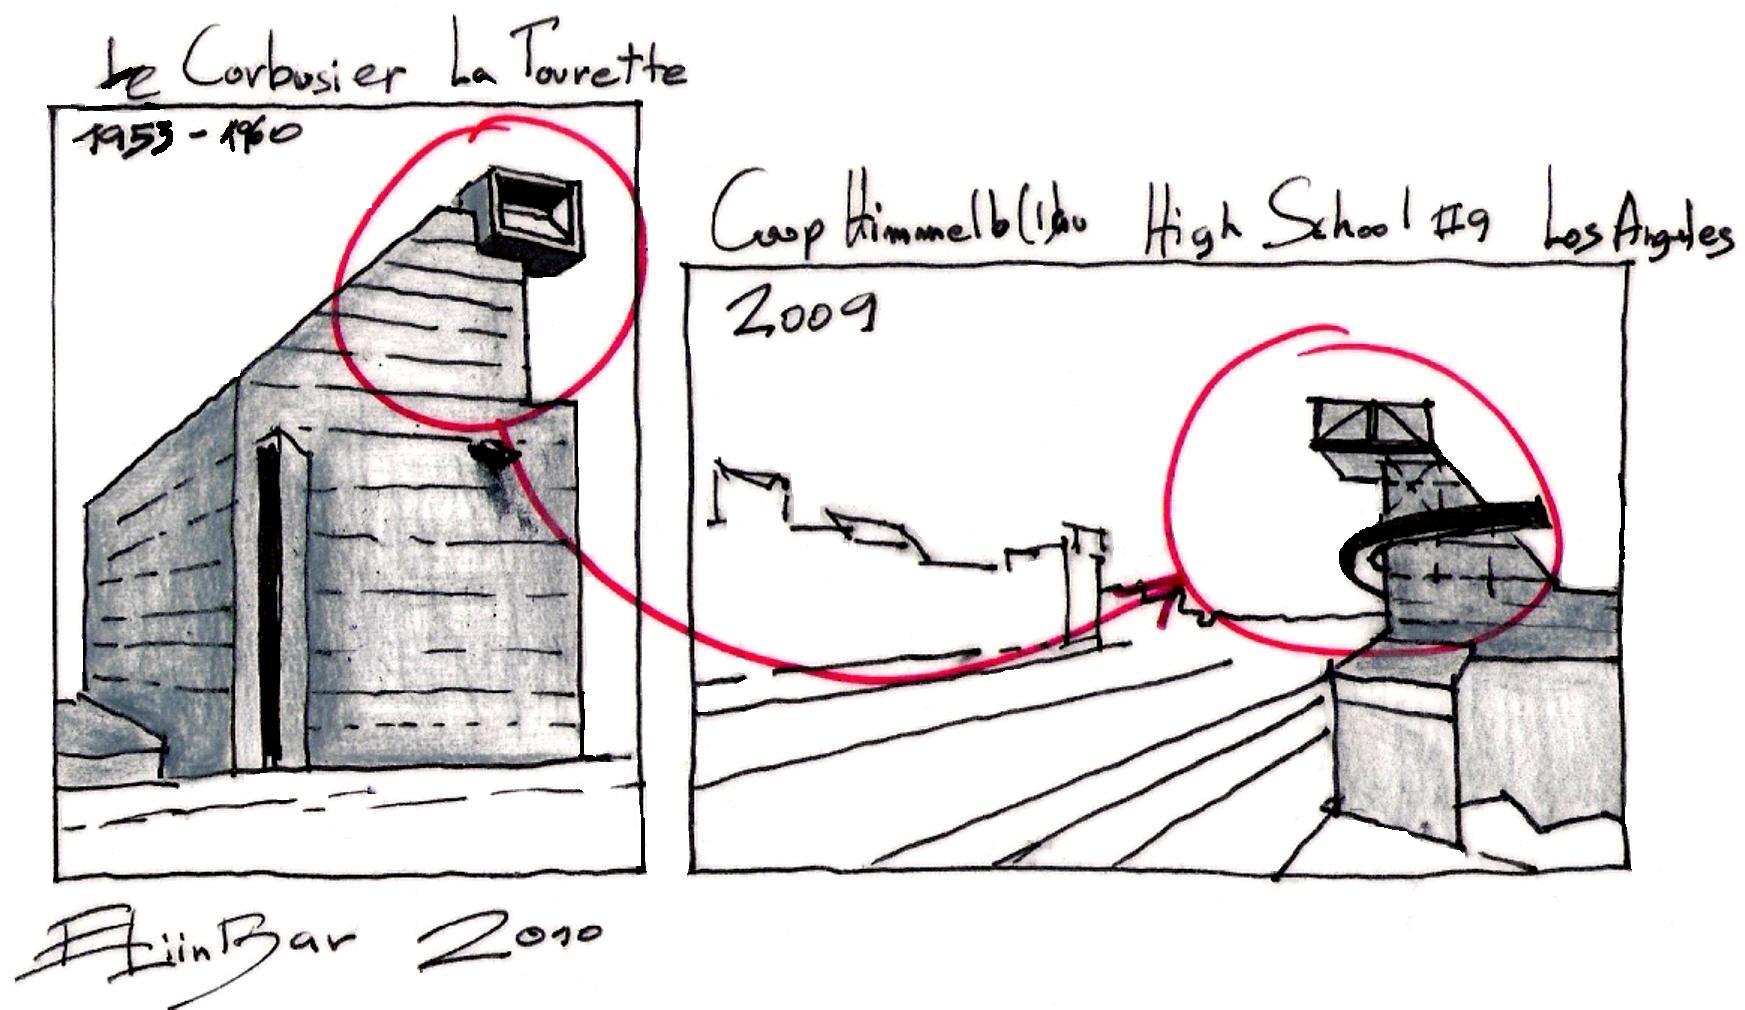 Couvent de la Tourette par Le Corbusier La-tourette-eliinbar-sketches-20100002